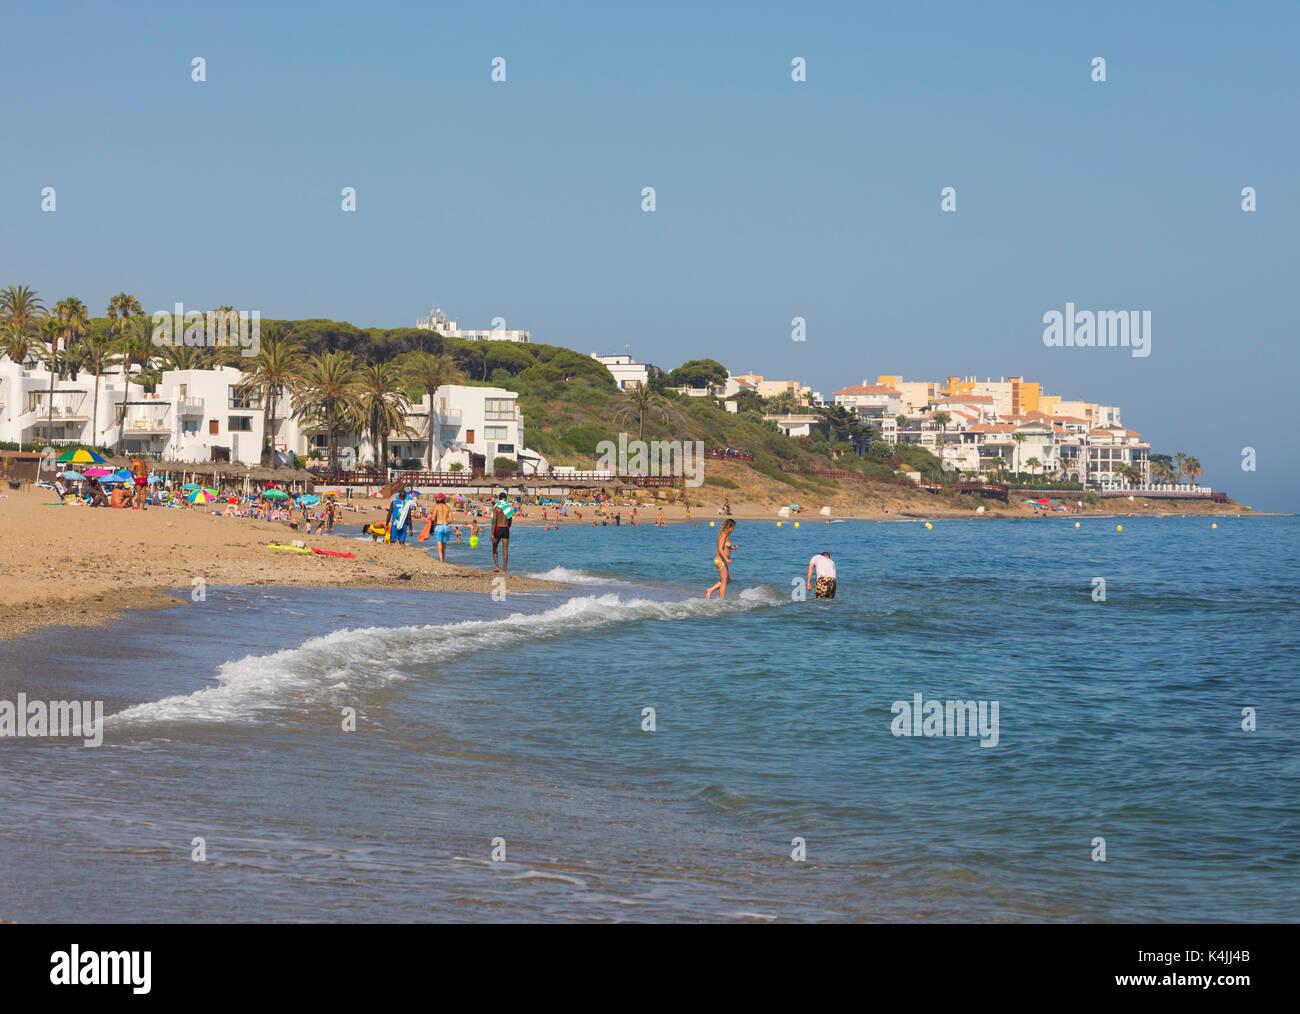 Calahonda, Mijas Costa, Costa del Sol, Málaga, Andalucía, sur de España. la luna beach, parte de la mayor playa de Calahonda. Imagen De Stock